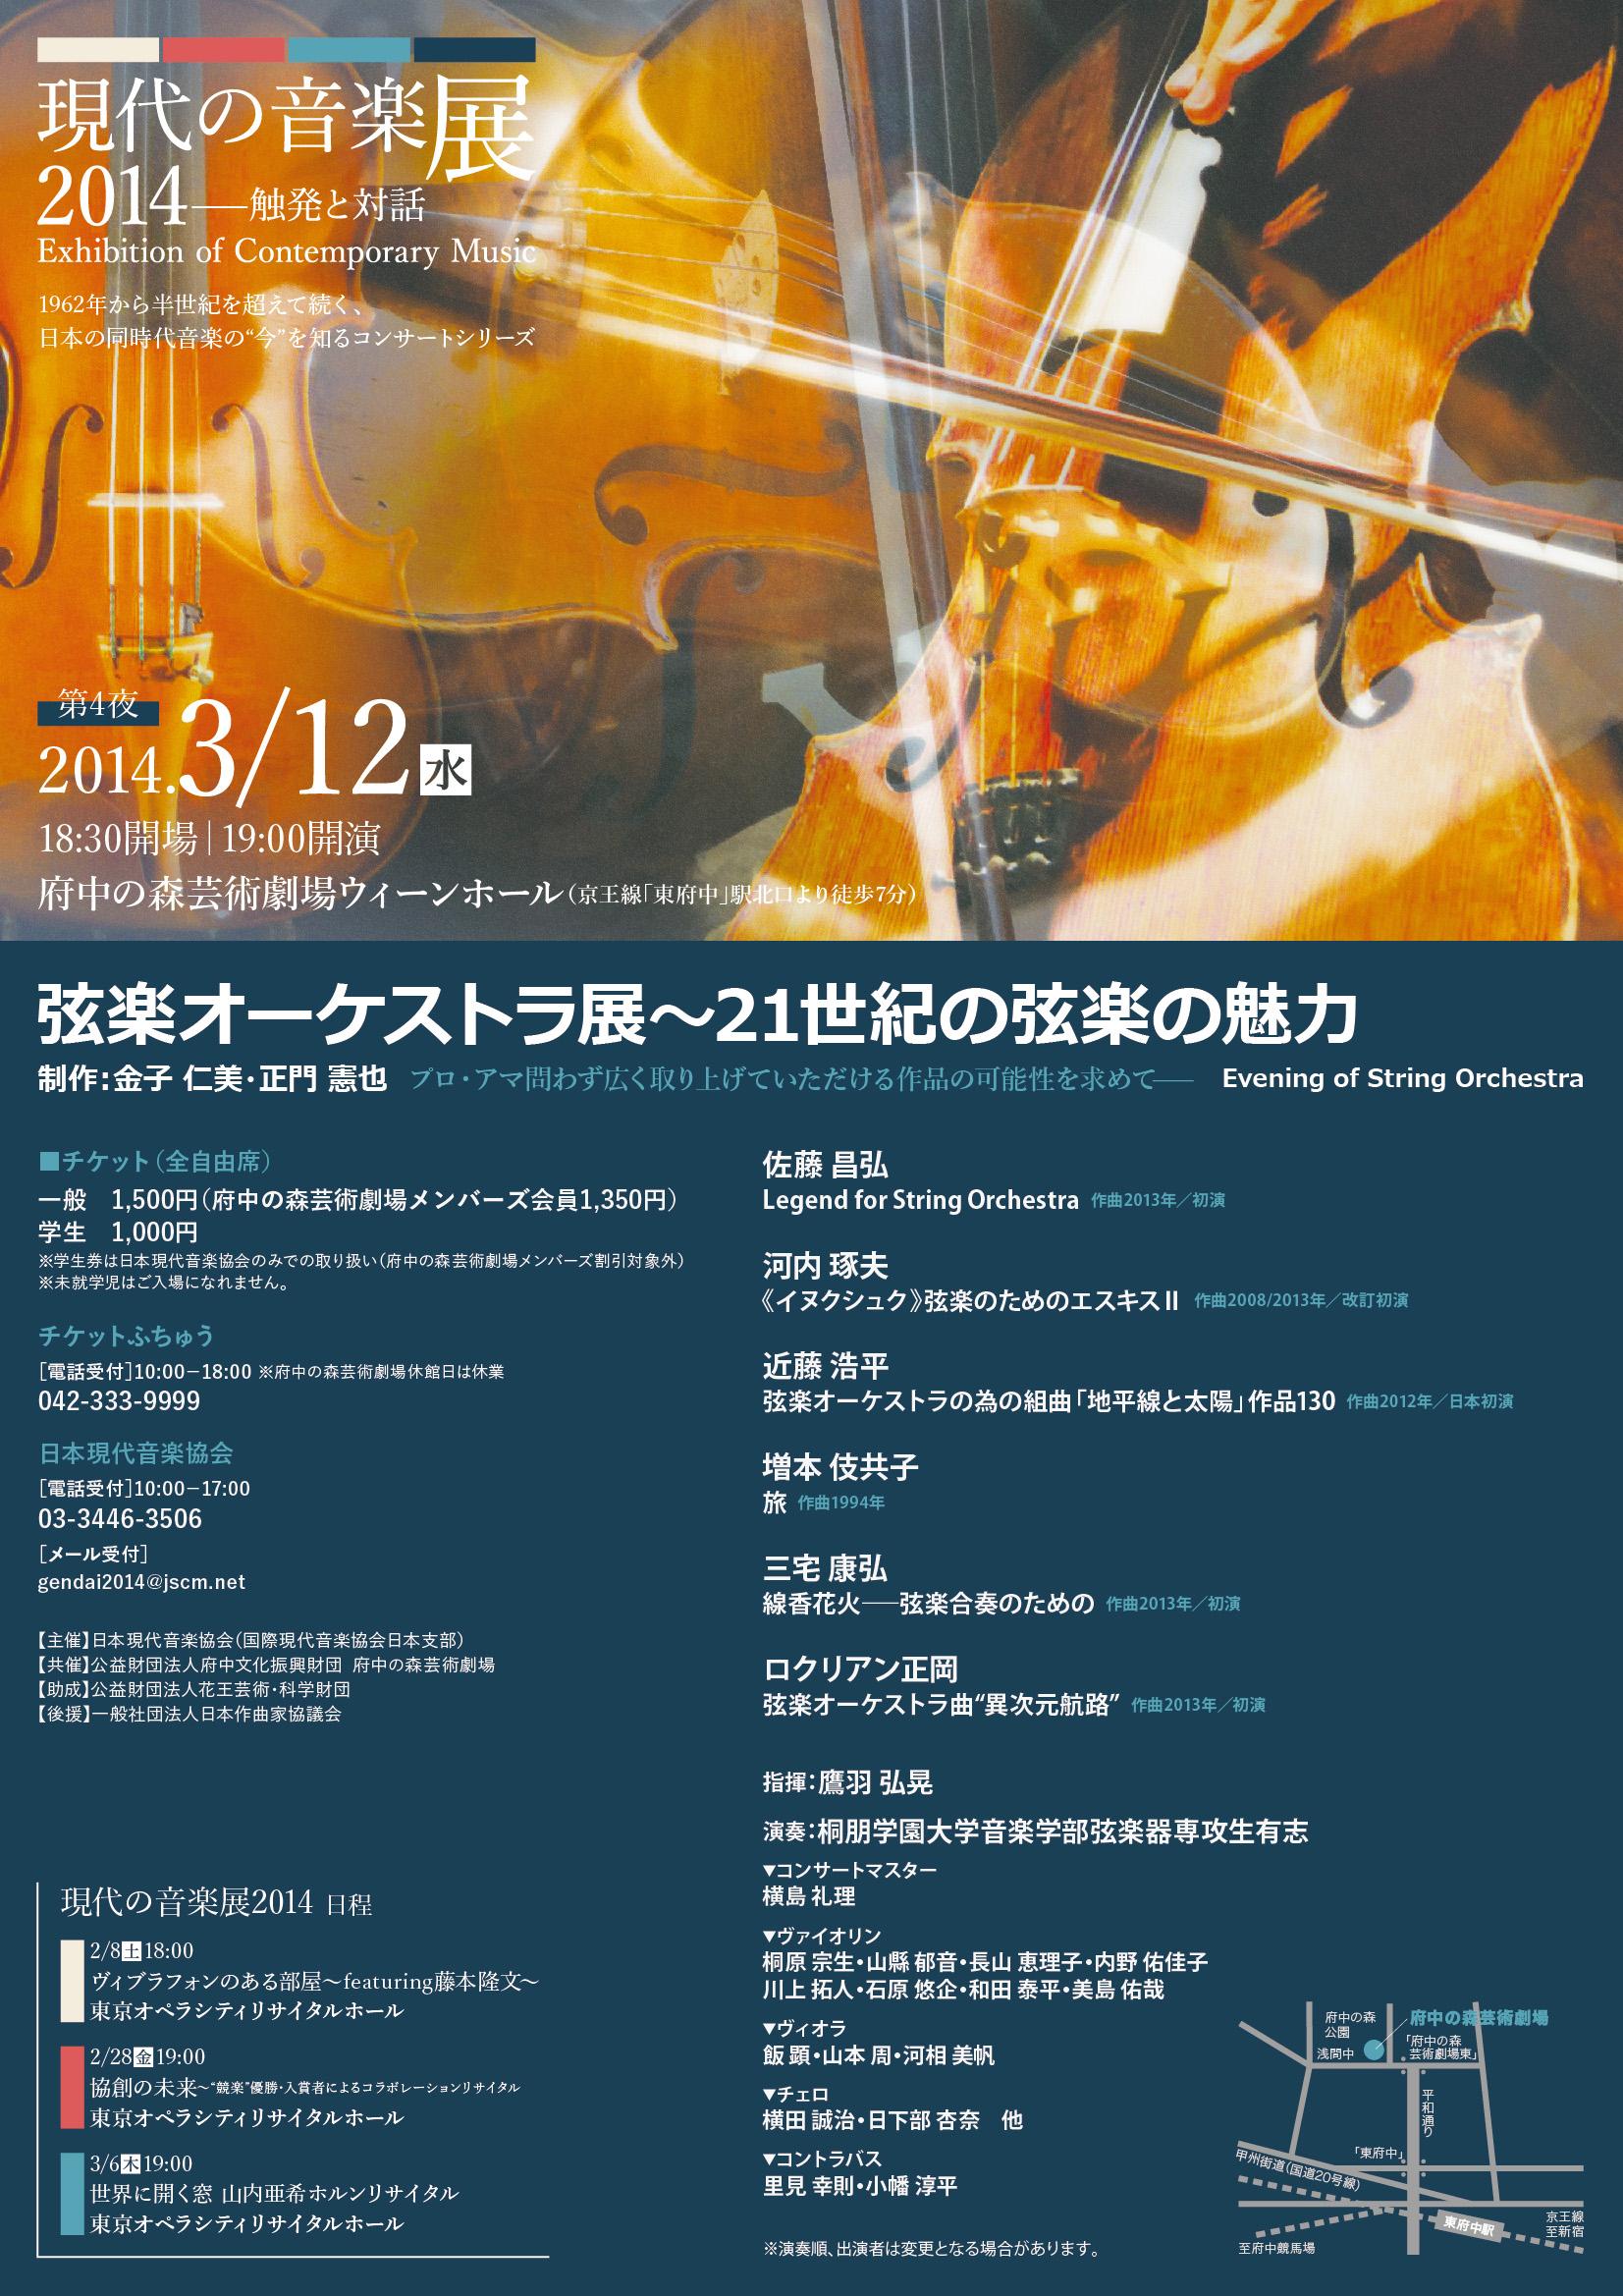 弦楽オーケストラ展